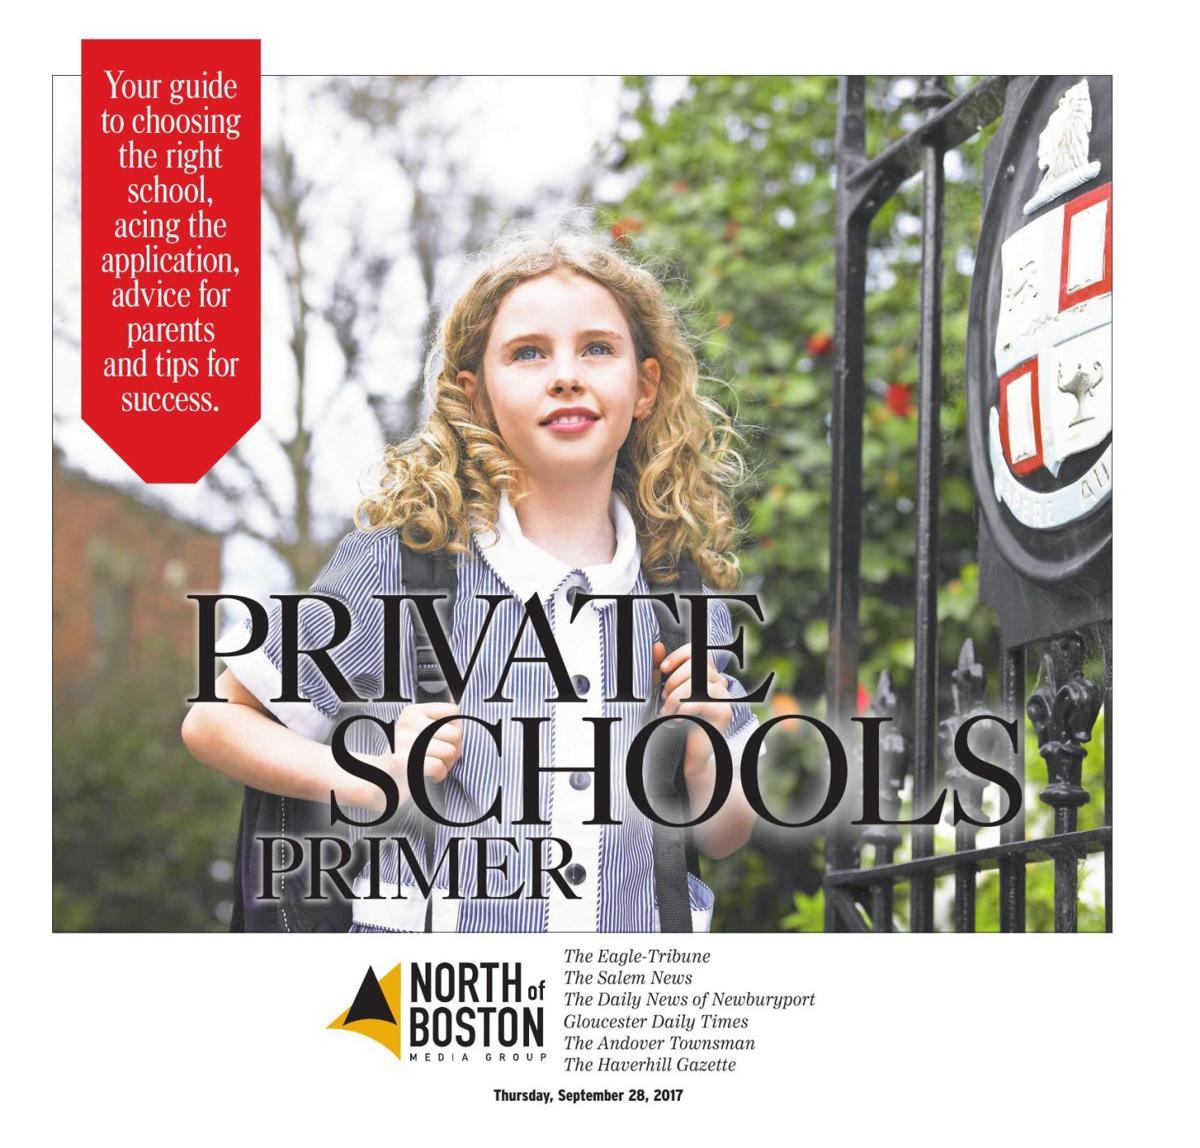 Private Schools Primer